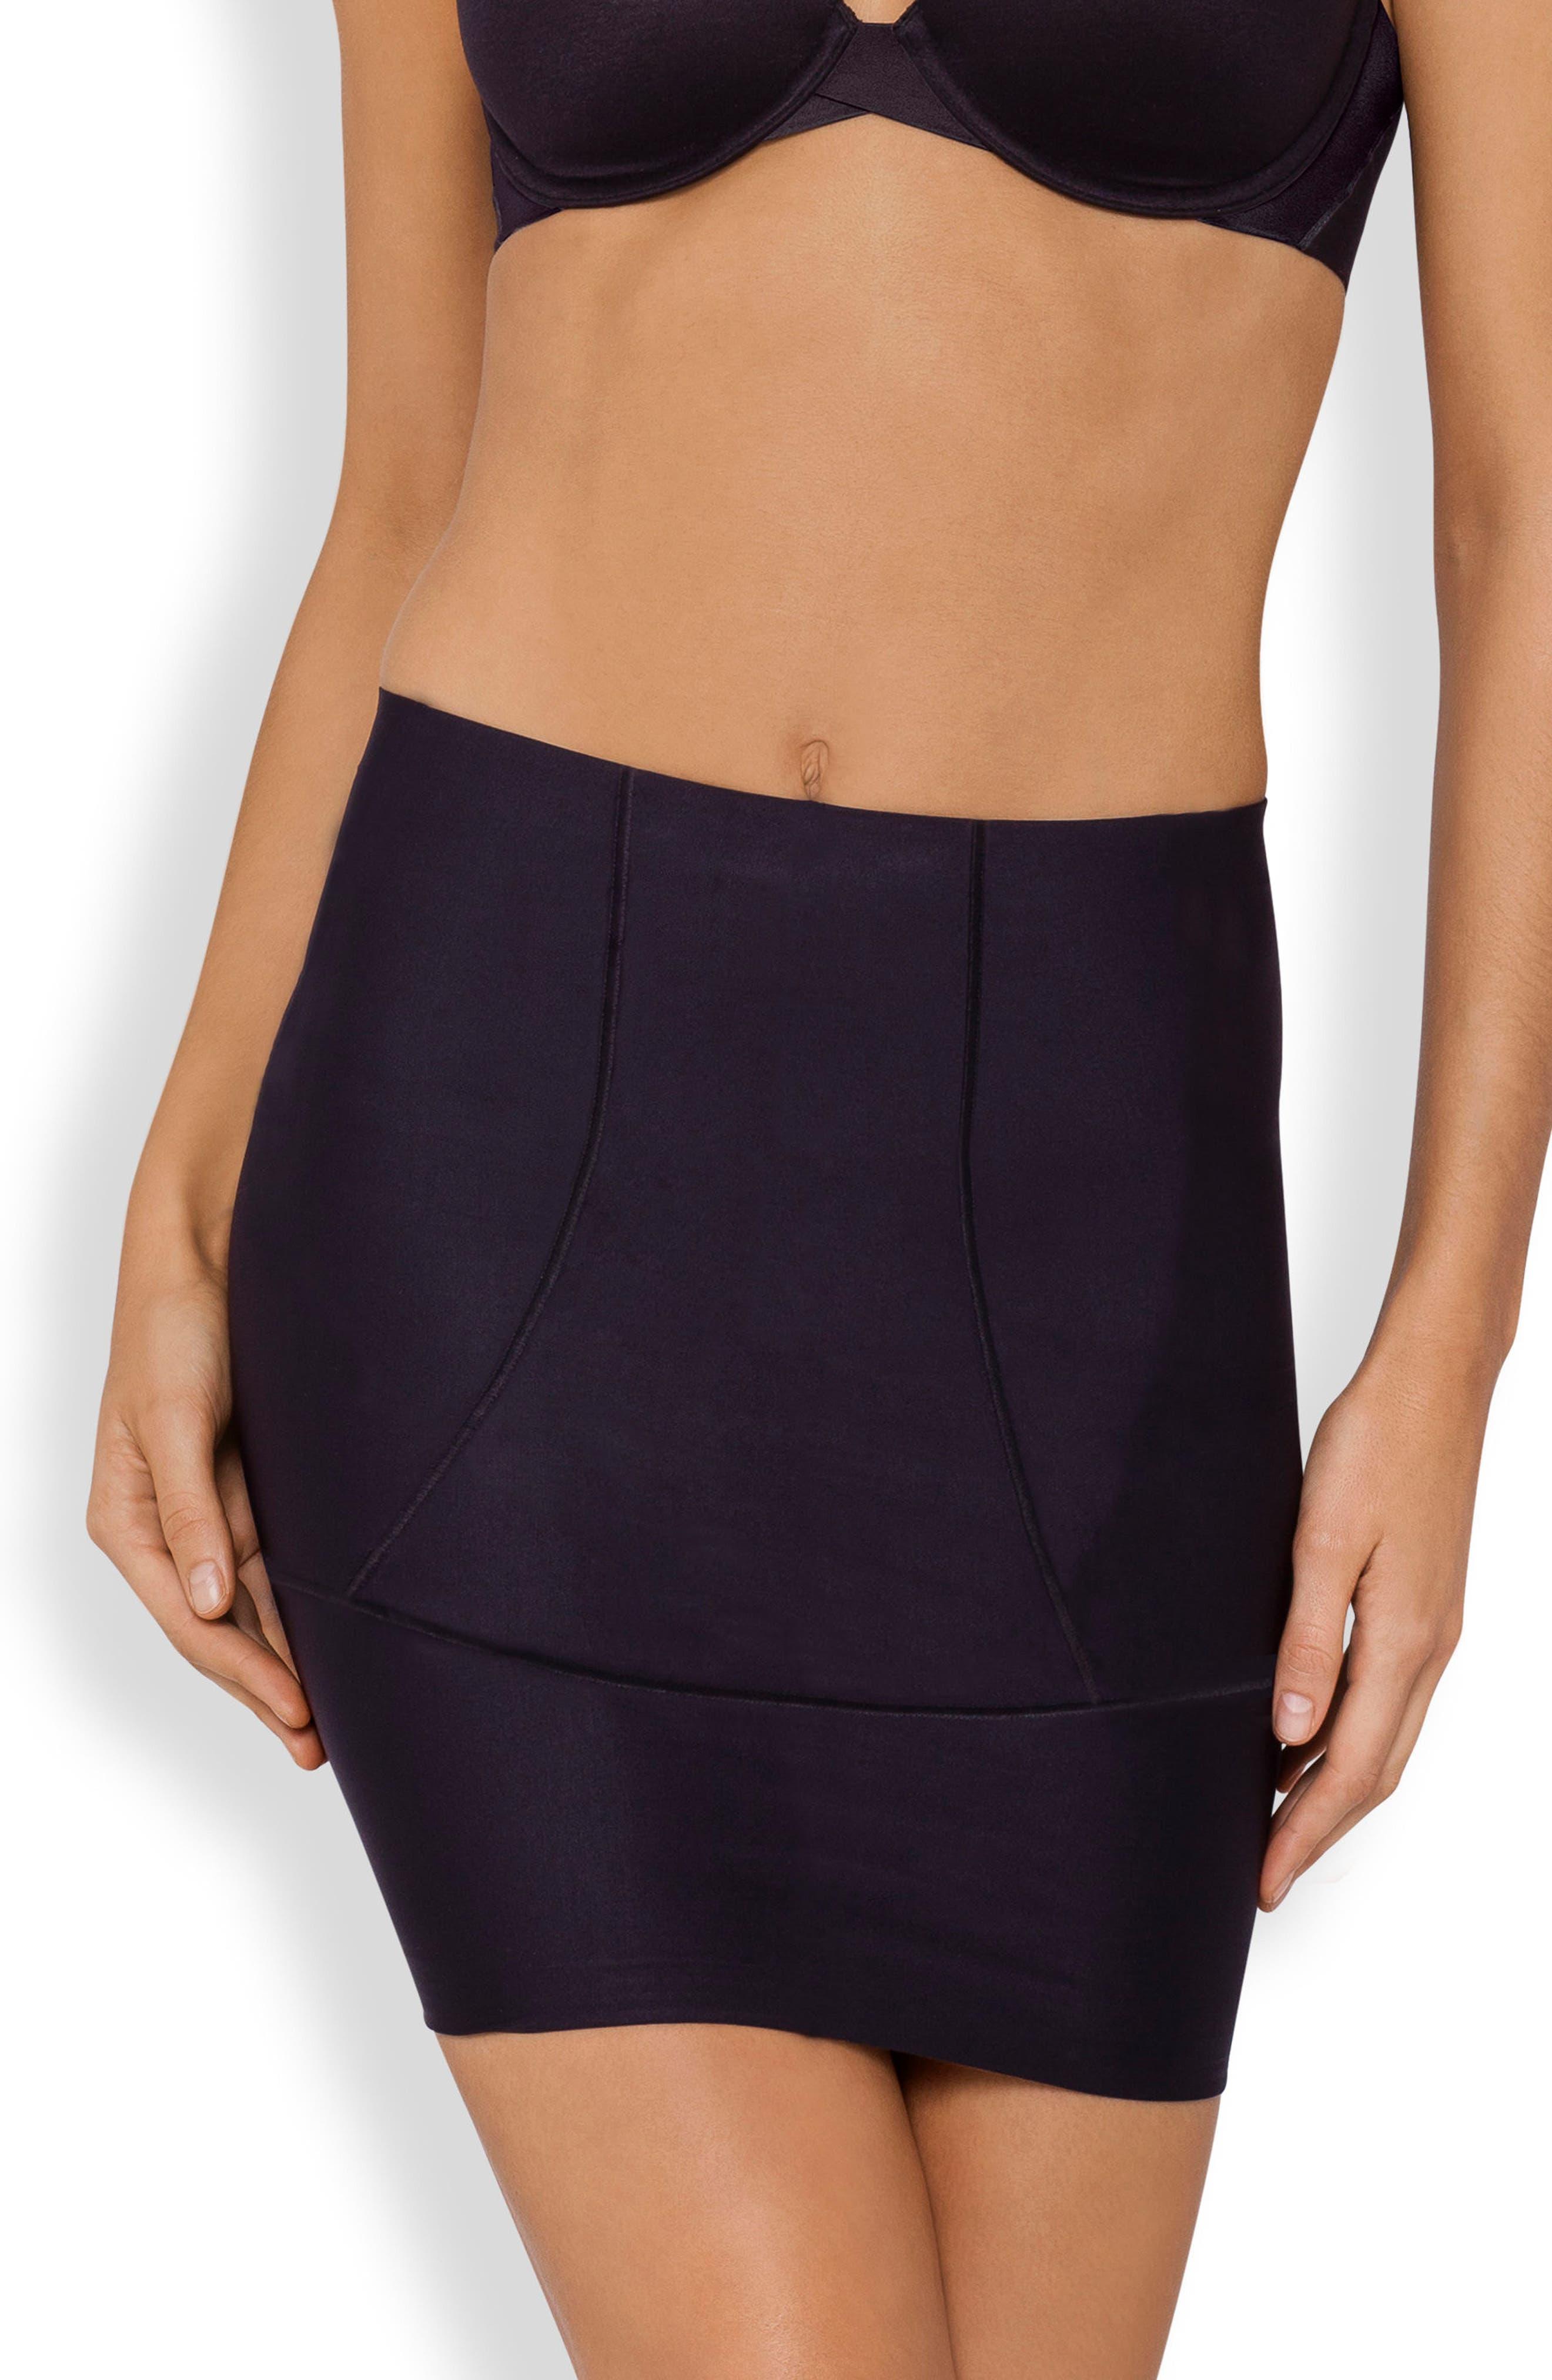 Nancy Ganz Body Architect Shaper Slip Skirt